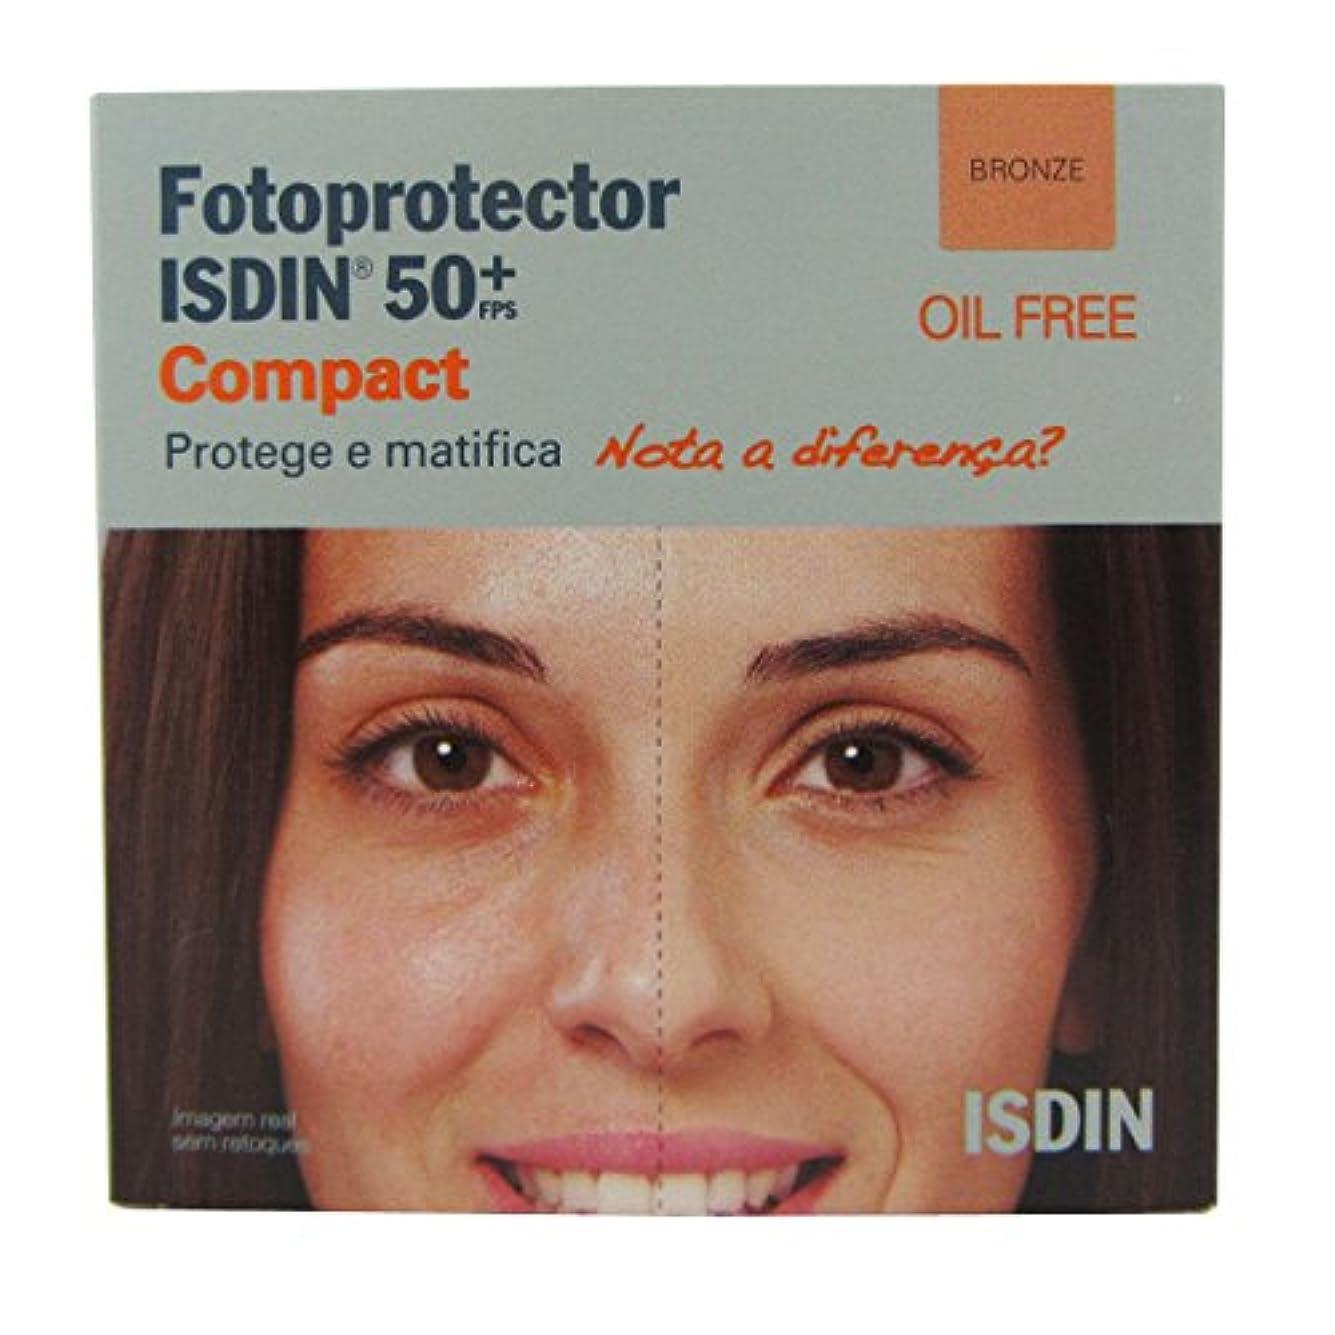 話す否認する落ち着くIsdin Photoprotector Compact 50+ Bronz 10g [並行輸入品]